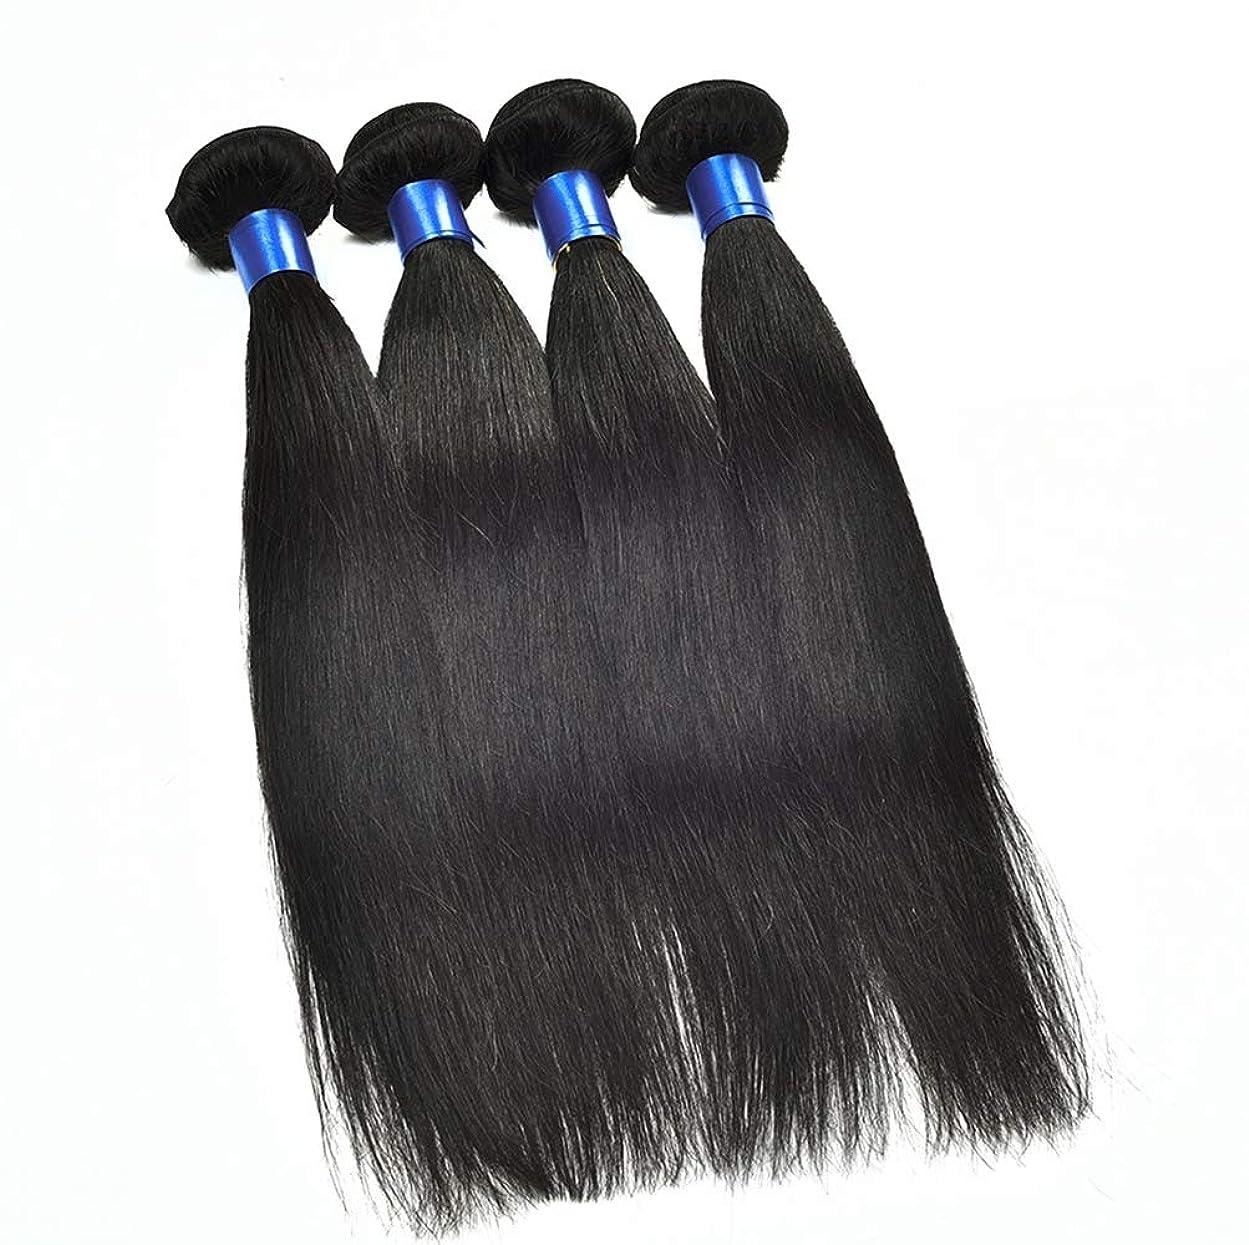 ペインギリックマチュピチュトマト150%密度未処理ブラジル髪バンドルブラジルストレートヘア1バンドル8aストレート人間の髪の毛を編む女性の髪